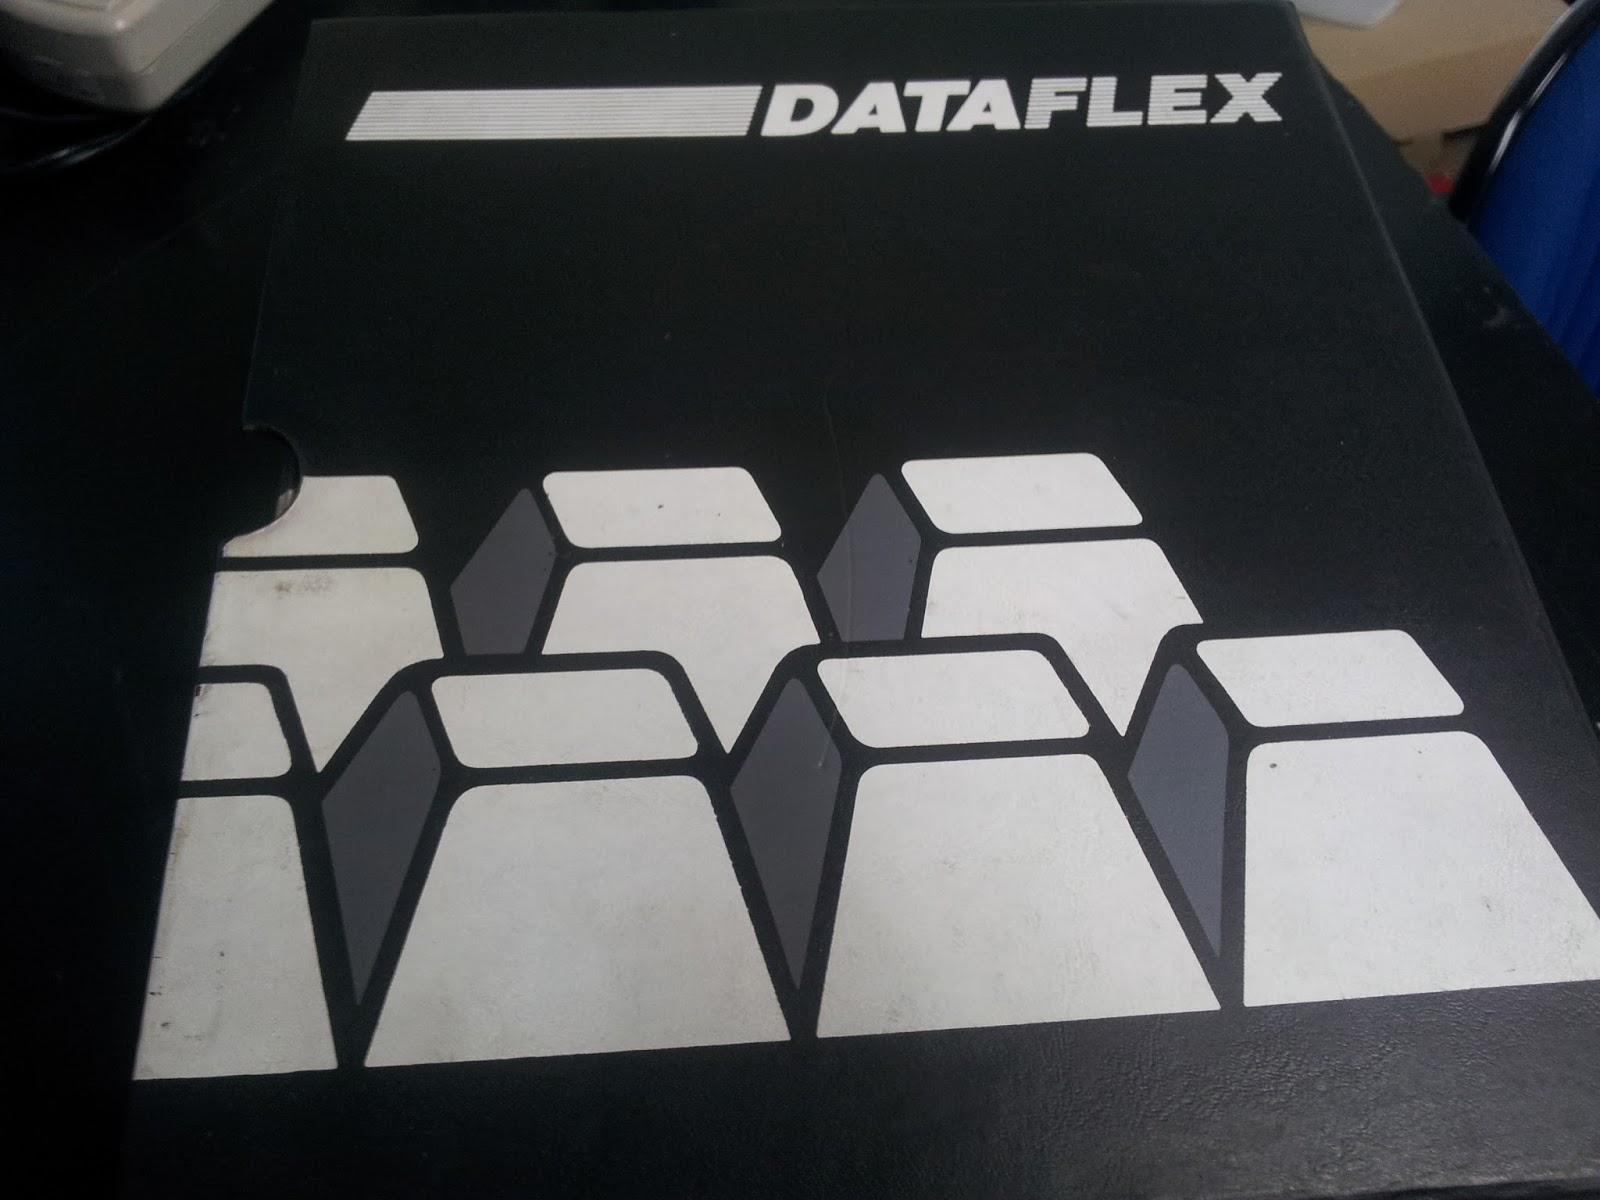 a85707051fbac O Dataflex é uma linguagem de programação e acesso a banco de dados (também  Dataflex), voltada para o desenvolvimento rápido de arquivos de dados e ...